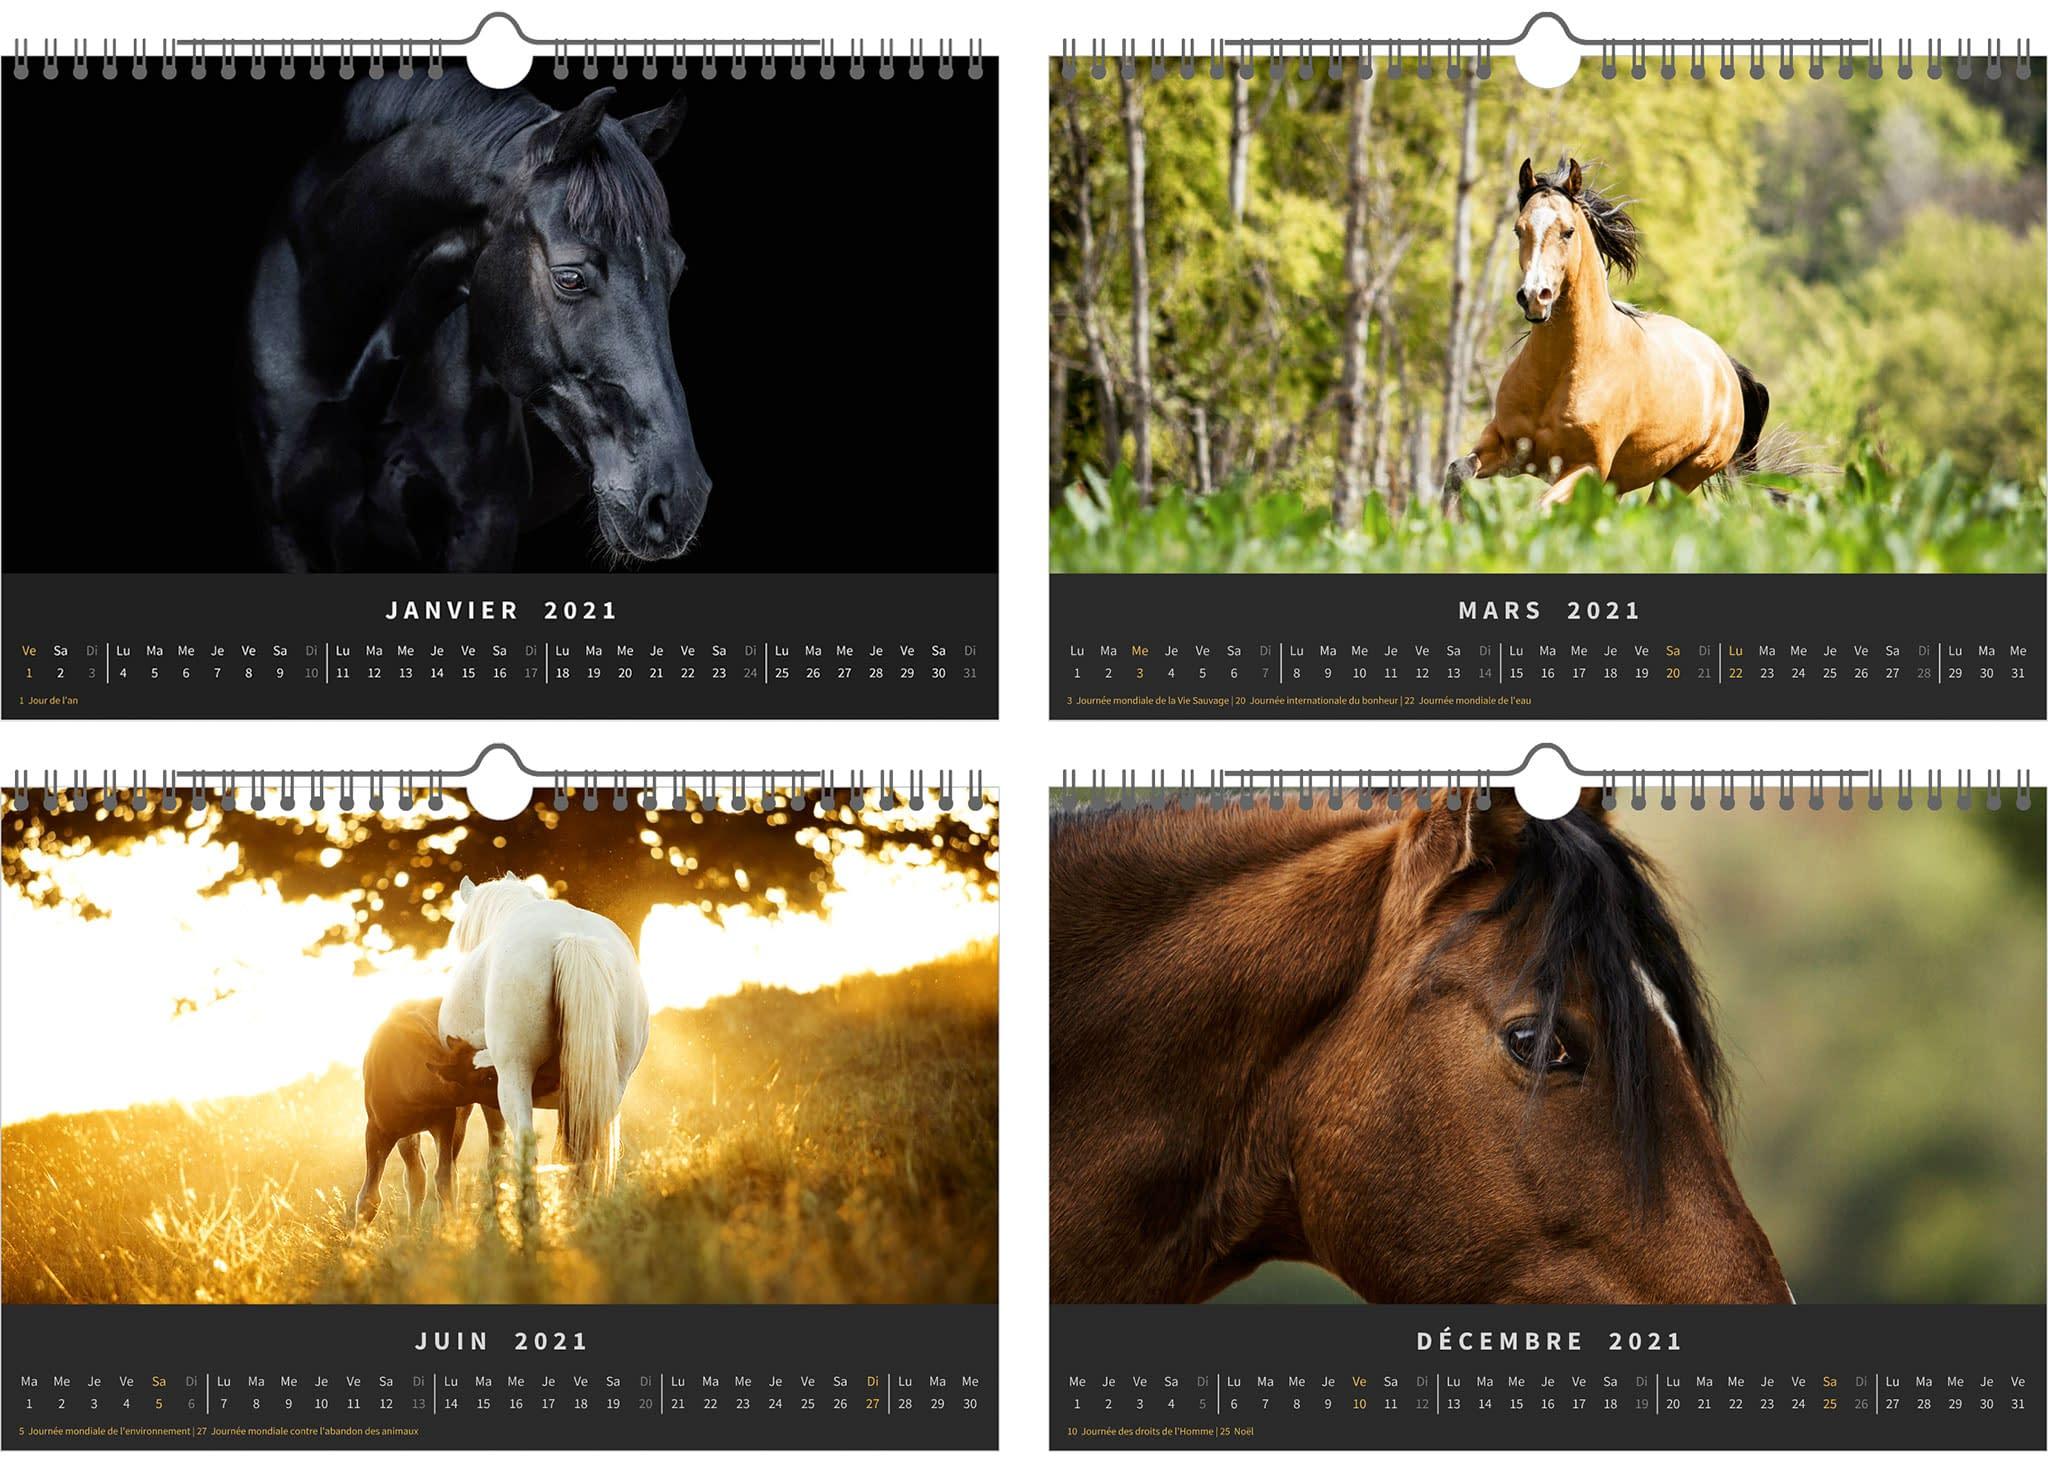 calendrier 2021 chevaux en liberté